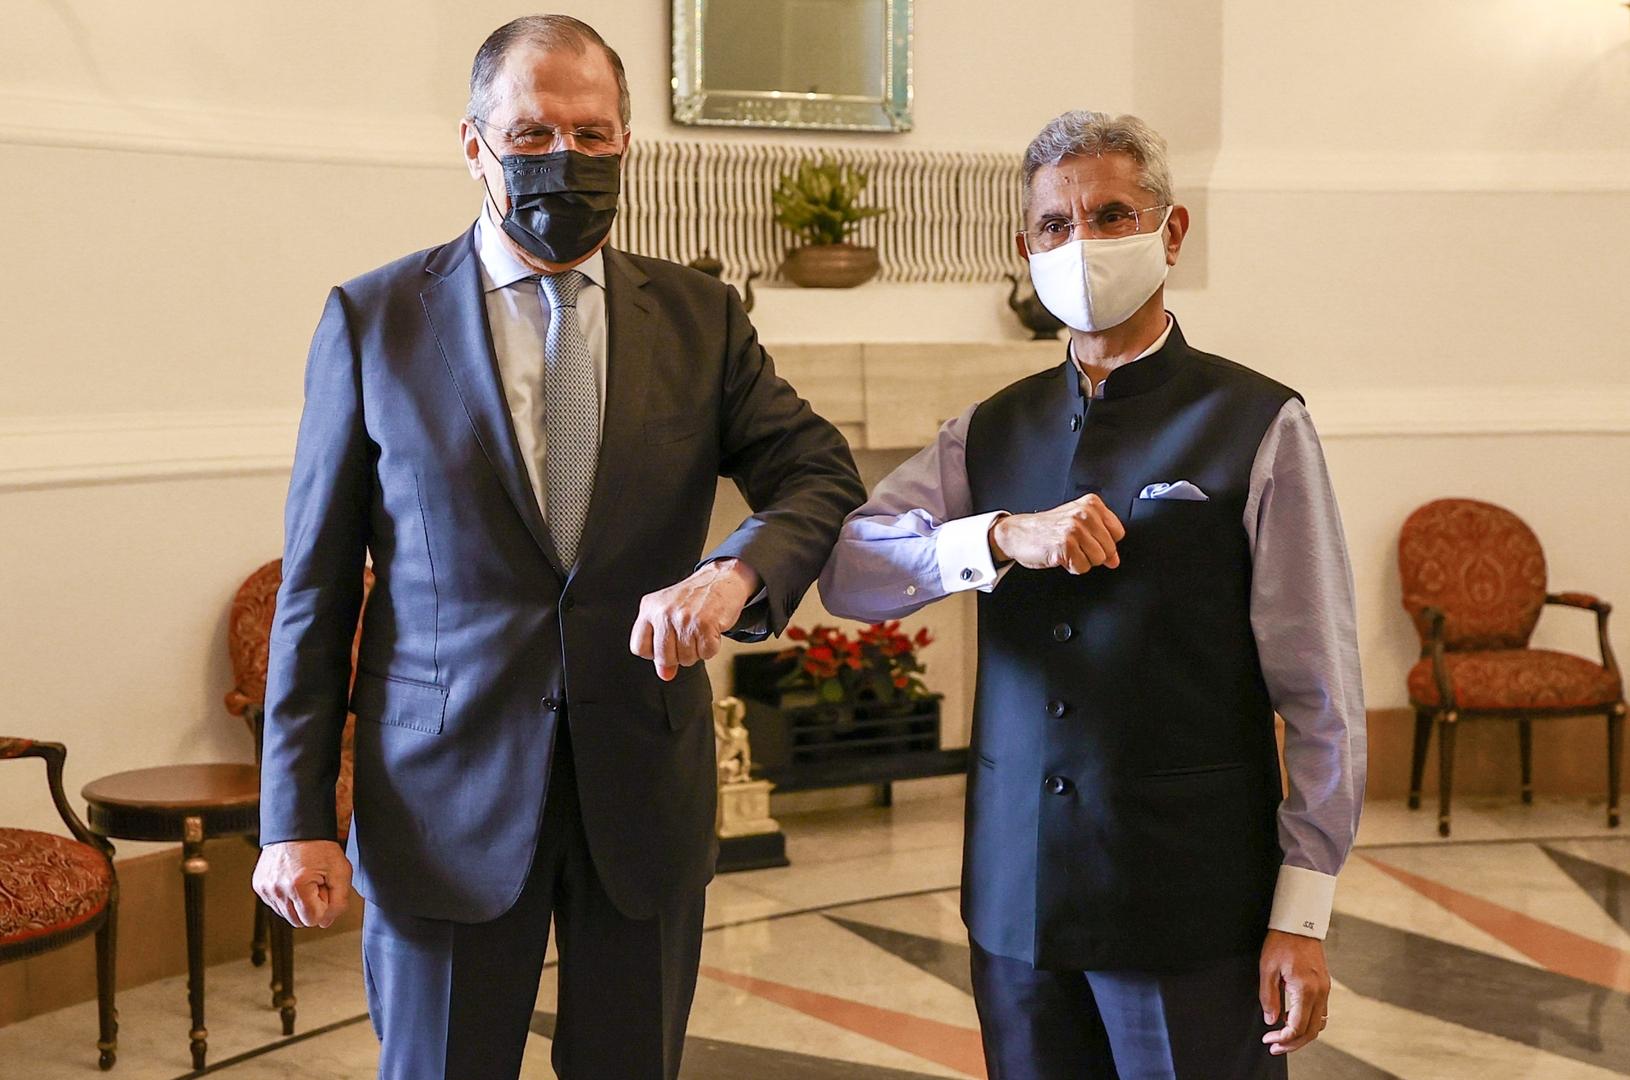 وزيرا الخارجية الروسي سيرغي لافروف والهندي سوبرأمانيام جايشانكار